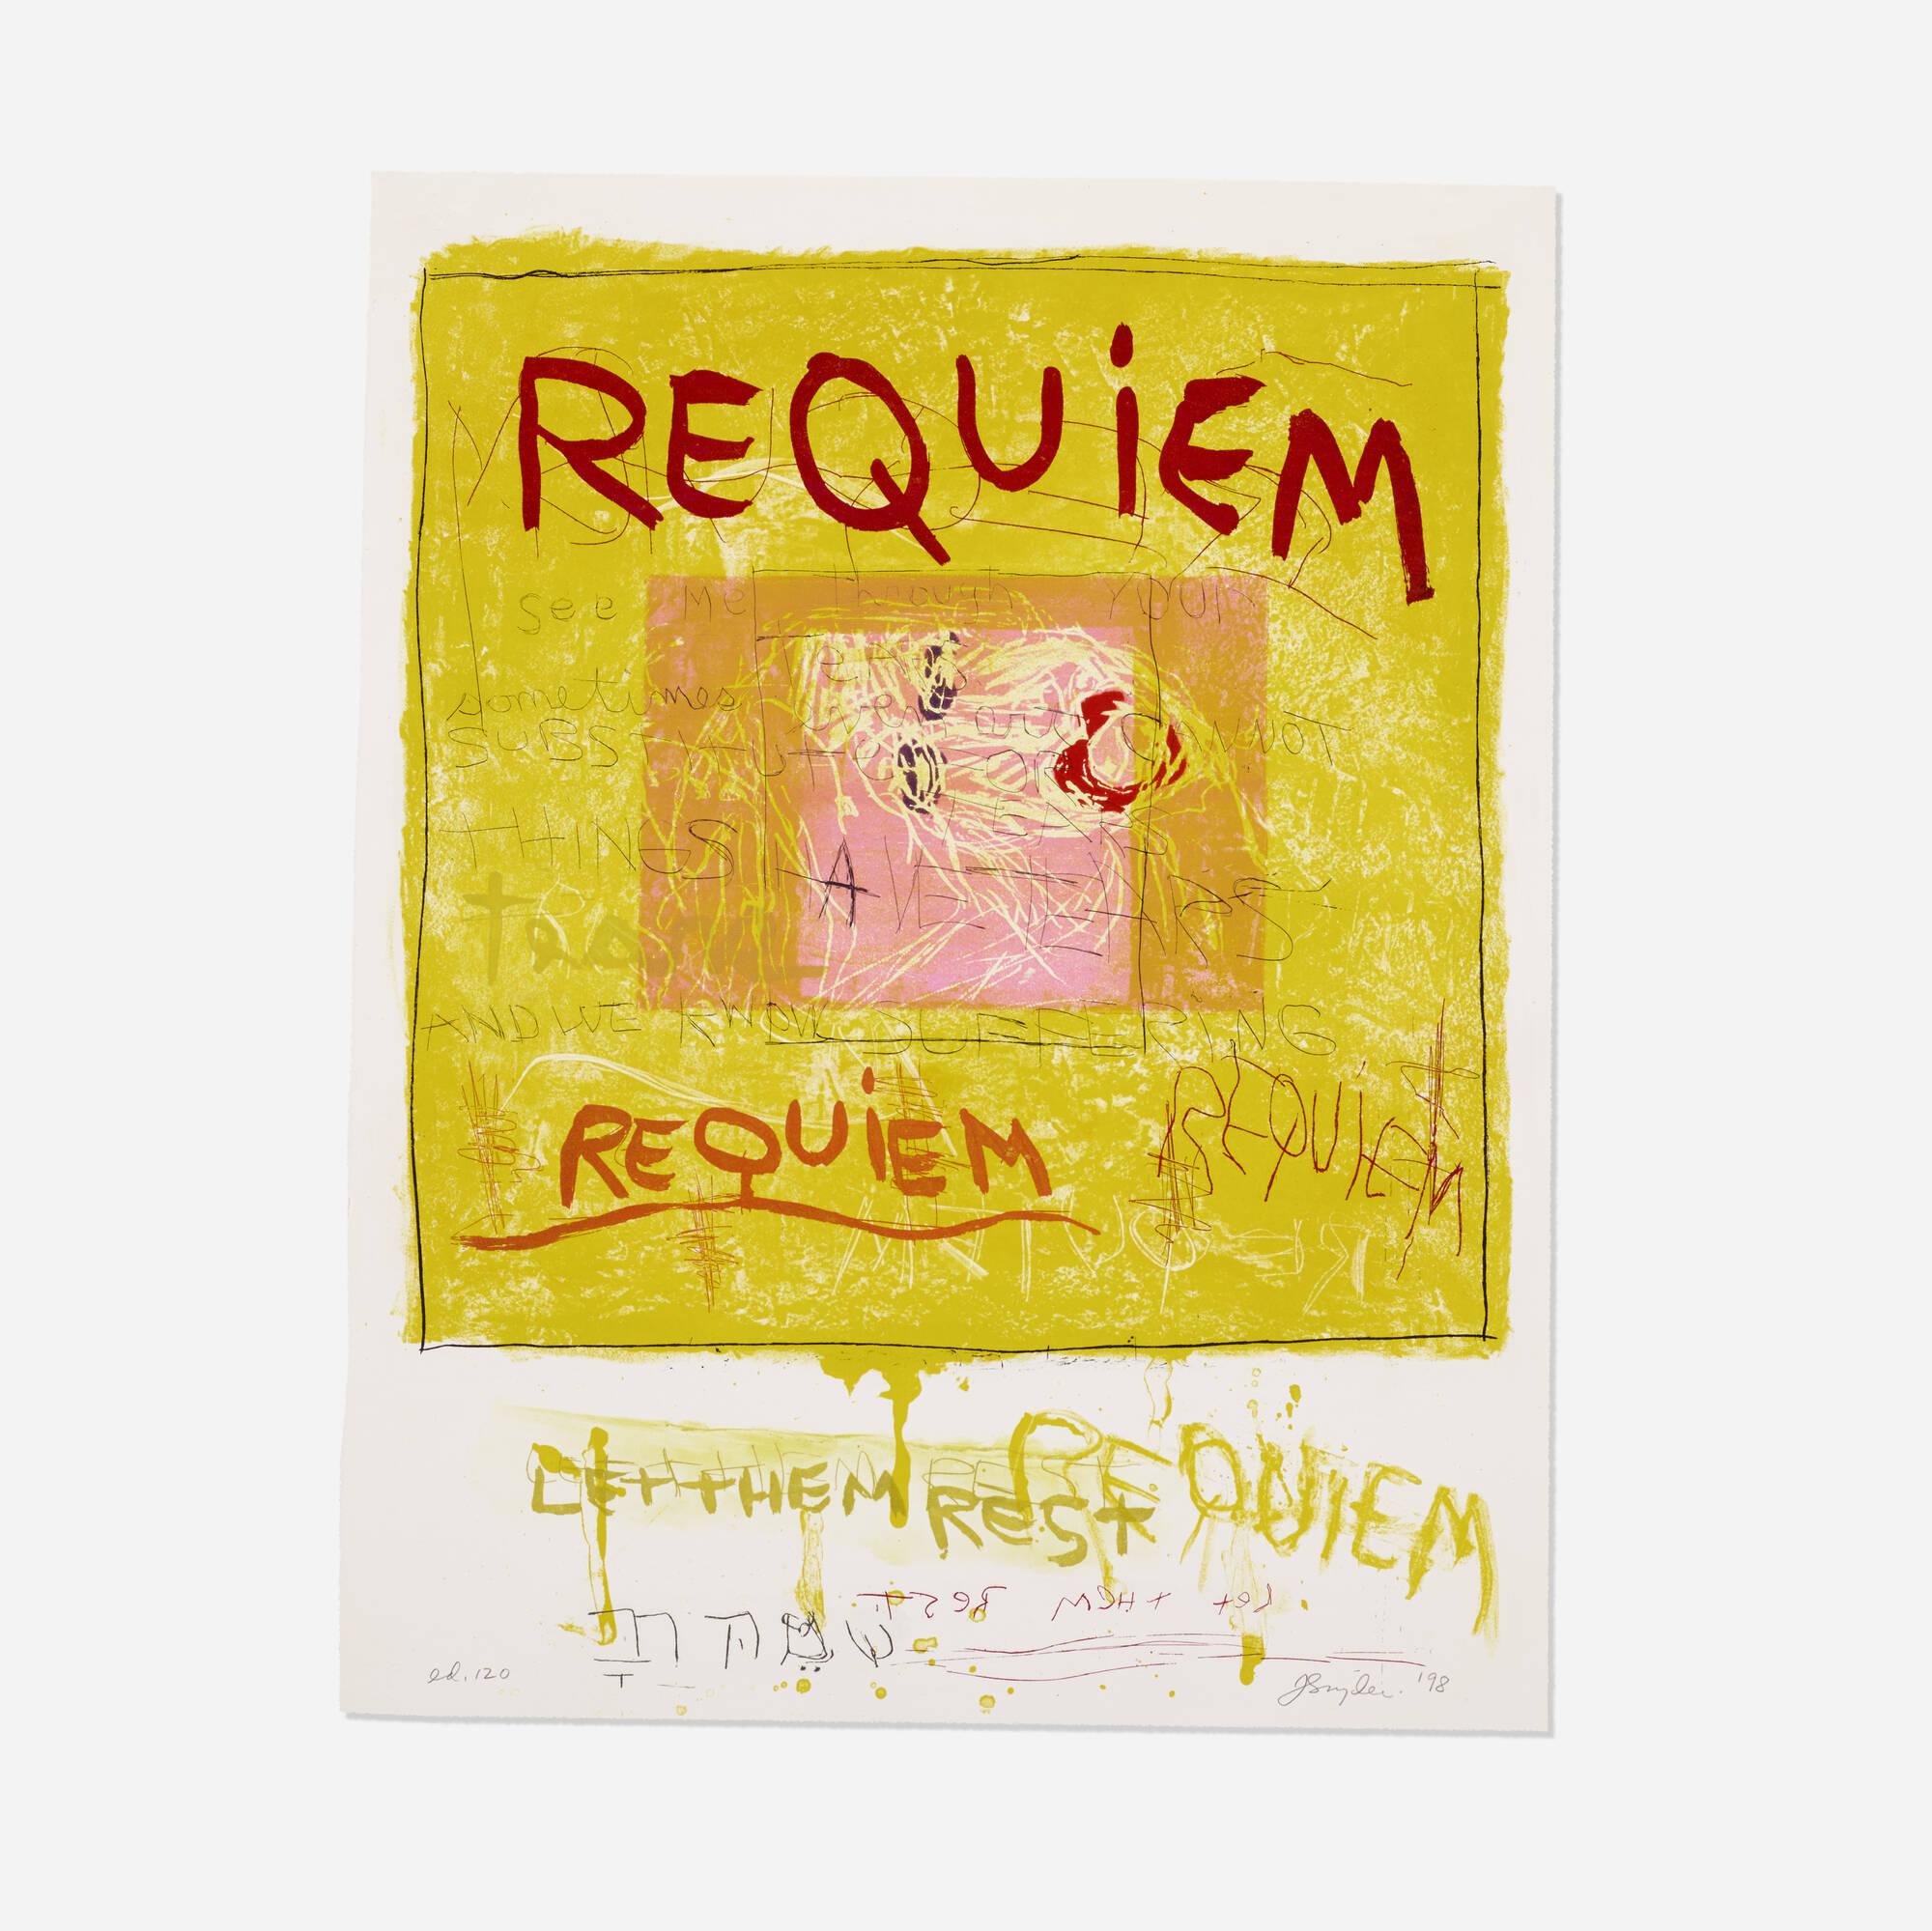 163: Joan Snyder / Requiem/Let Them Rest (1 of 1)